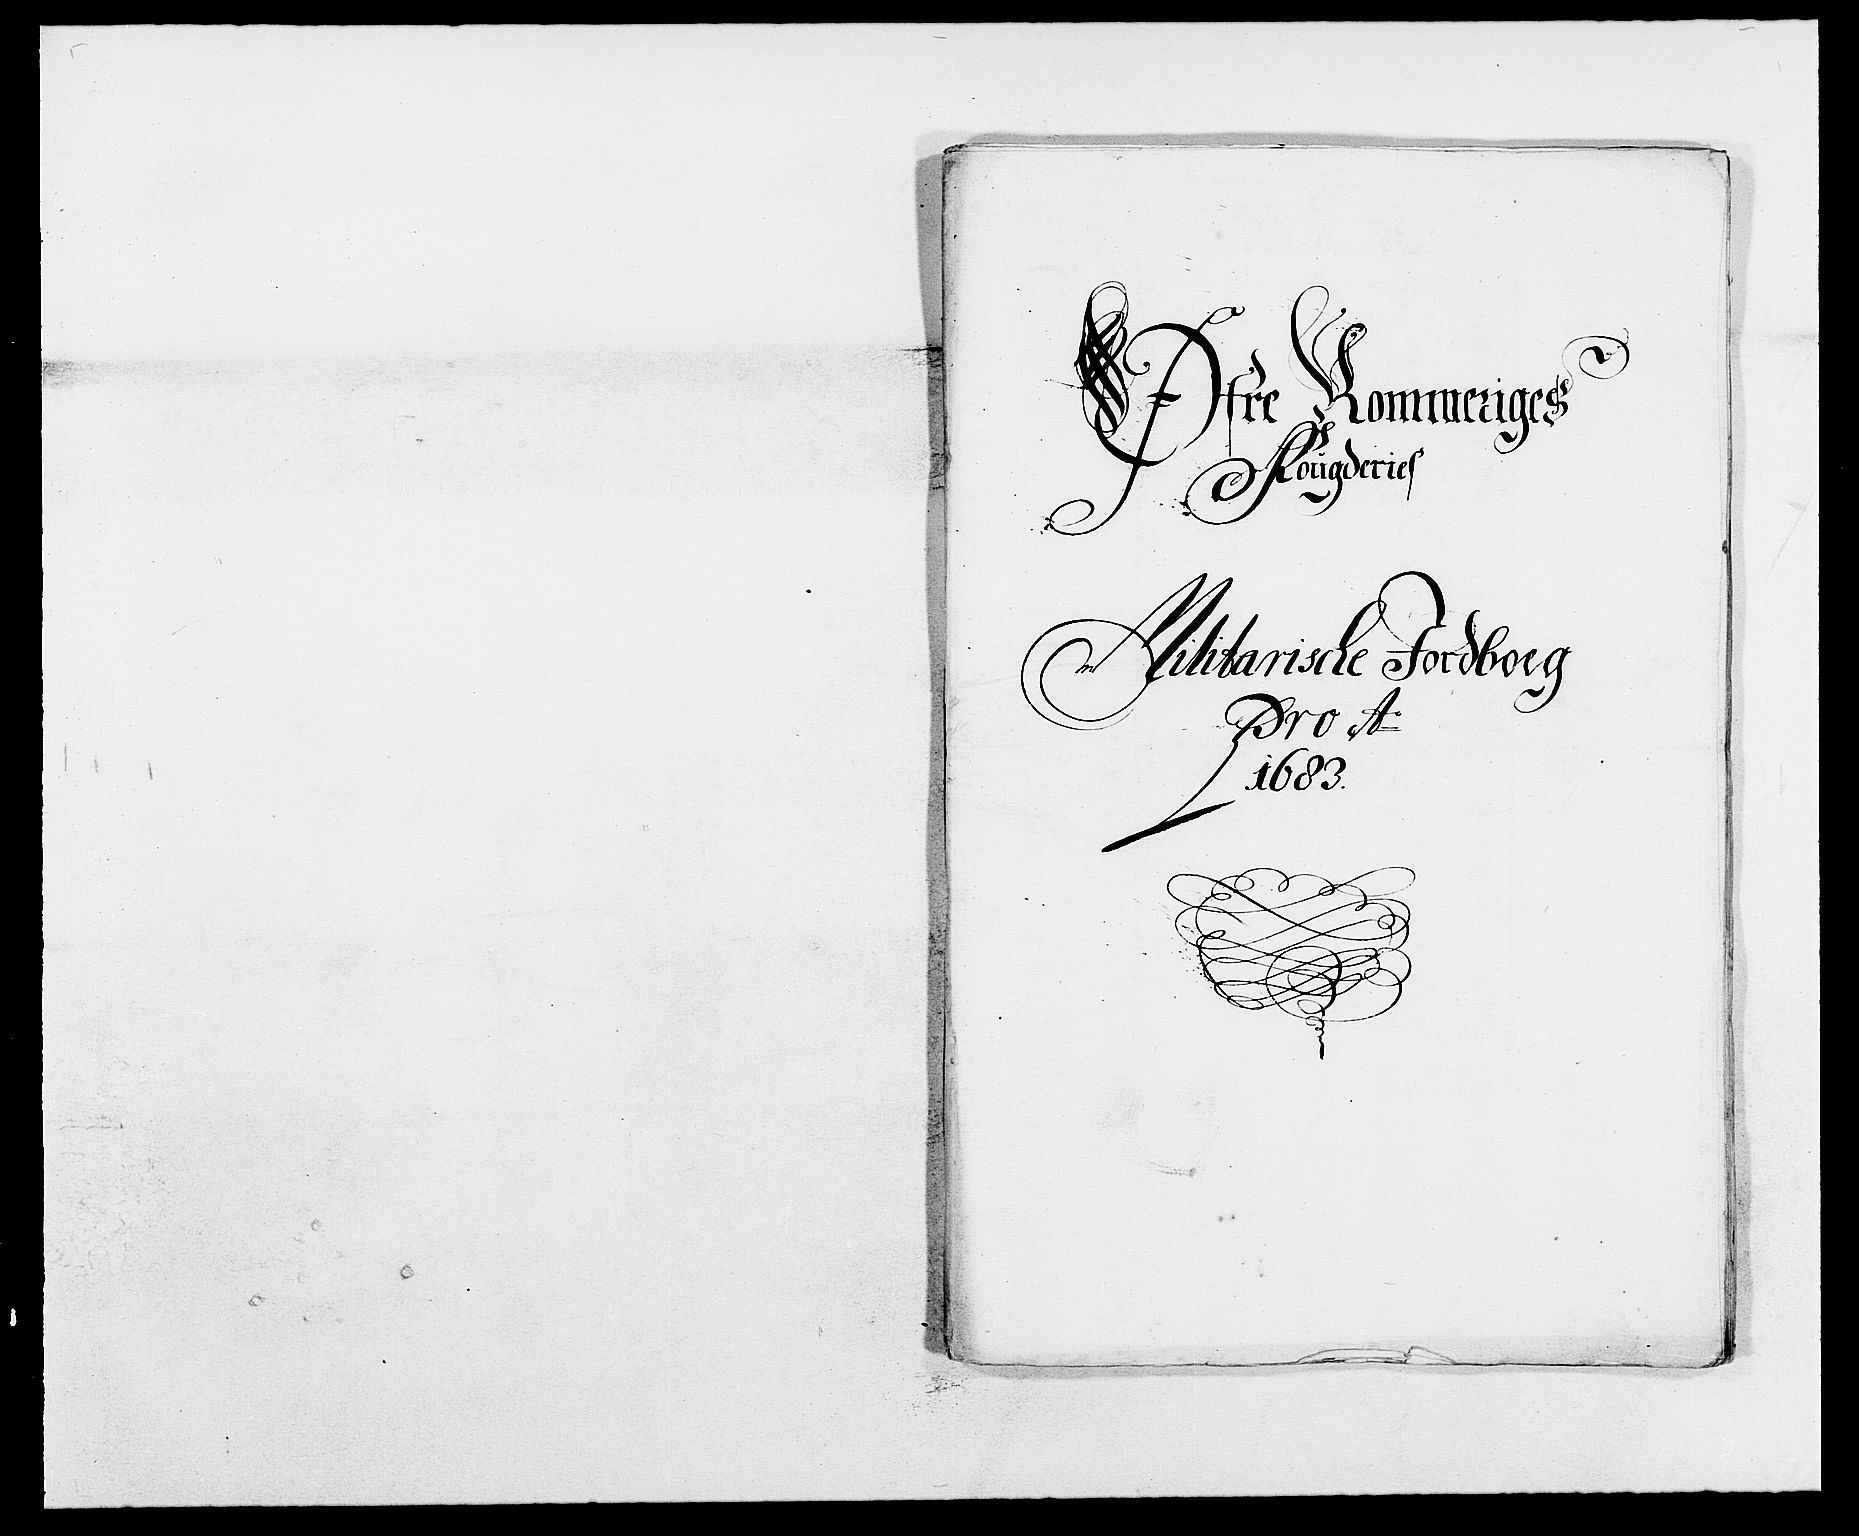 RA, Rentekammeret inntil 1814, Reviderte regnskaper, Fogderegnskap, R12/L0697: Fogderegnskap Øvre Romerike, 1682-1683, s. 352